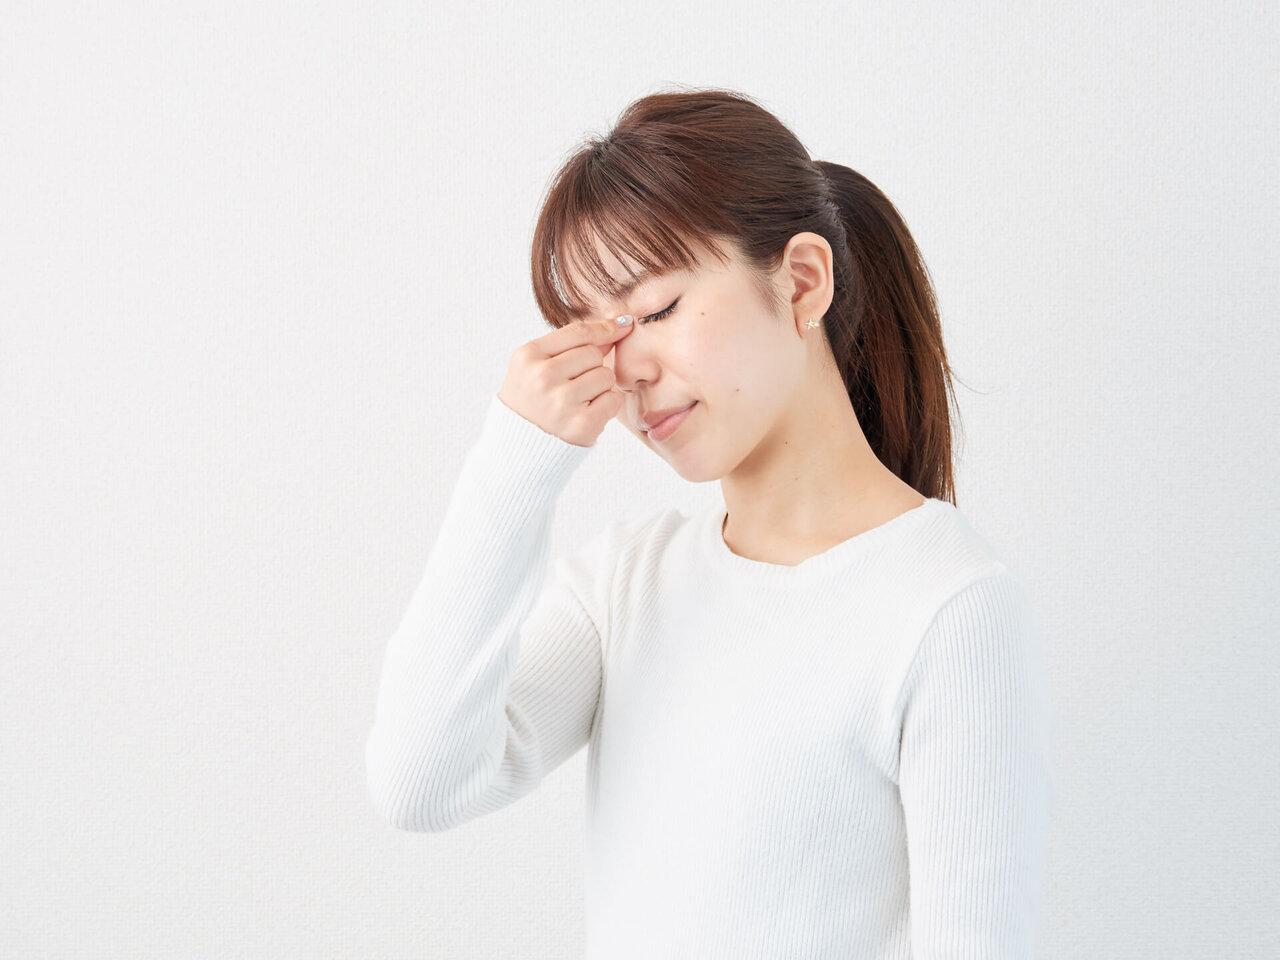 【医師監修】その症状、眼精疲労かも?自分でできるツボマッサージ方法